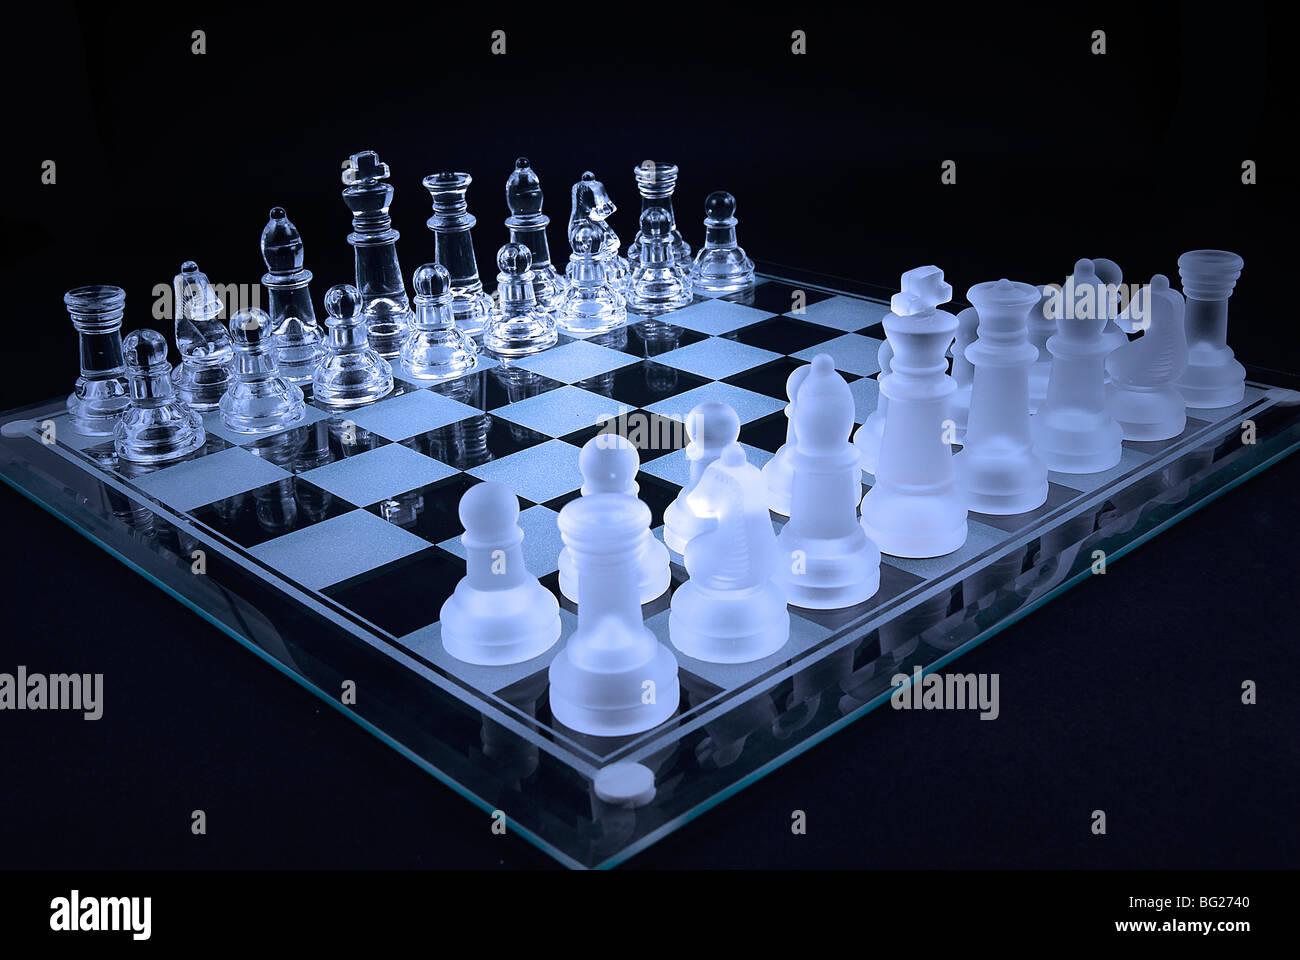 Eine beleuchtete Glas-Schachspiel Stockbild